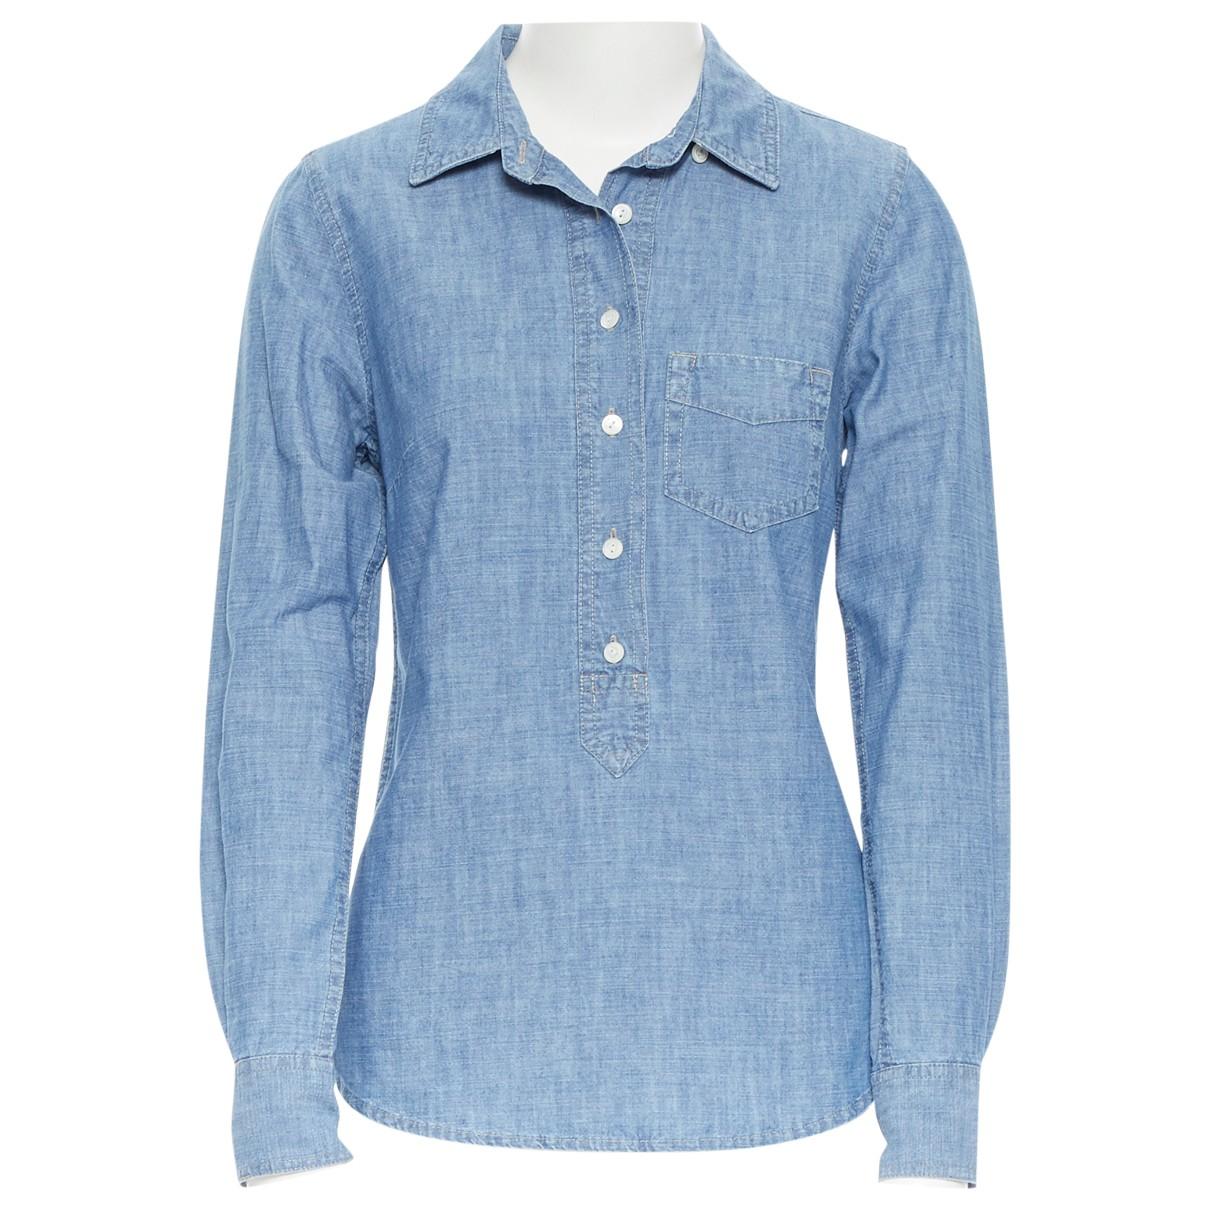 J.crew - Top   pour femme en coton - bleu